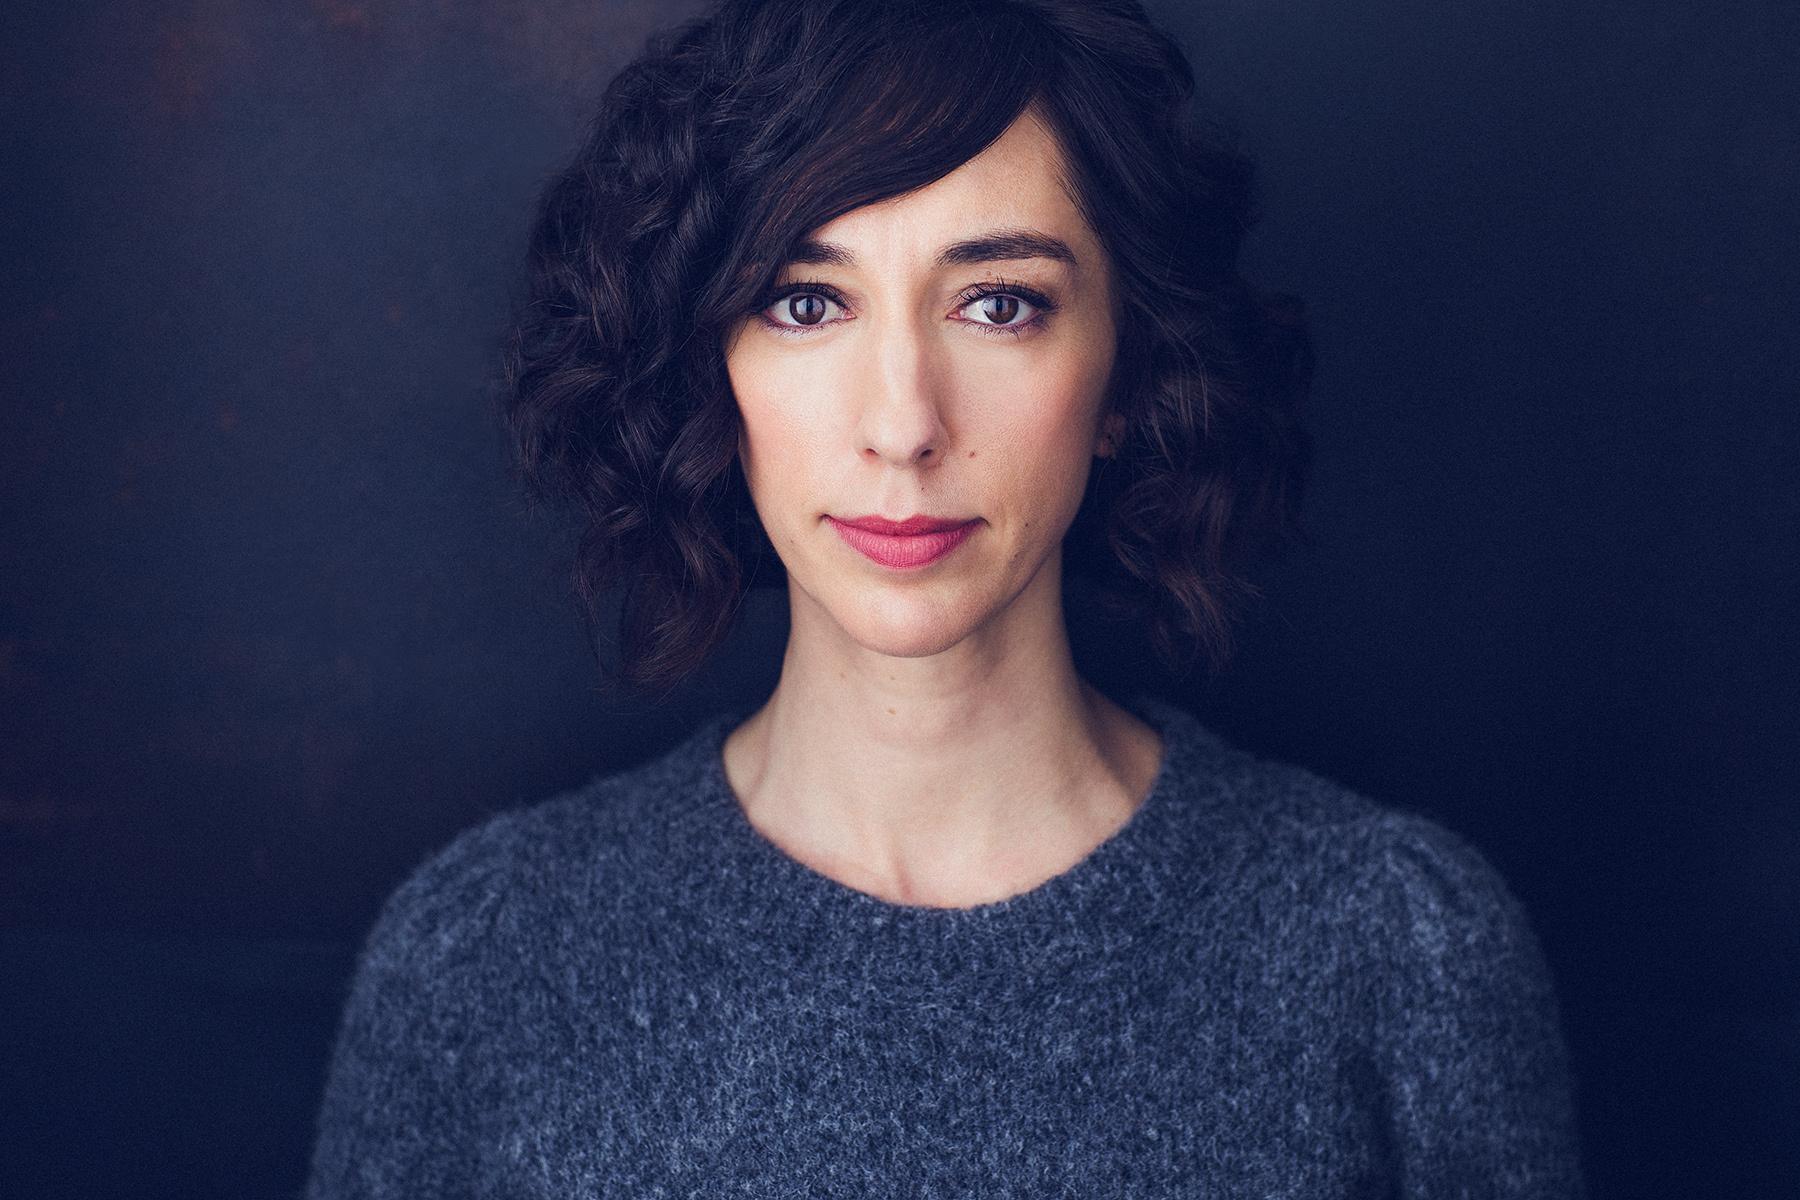 Lana Wilson, author of